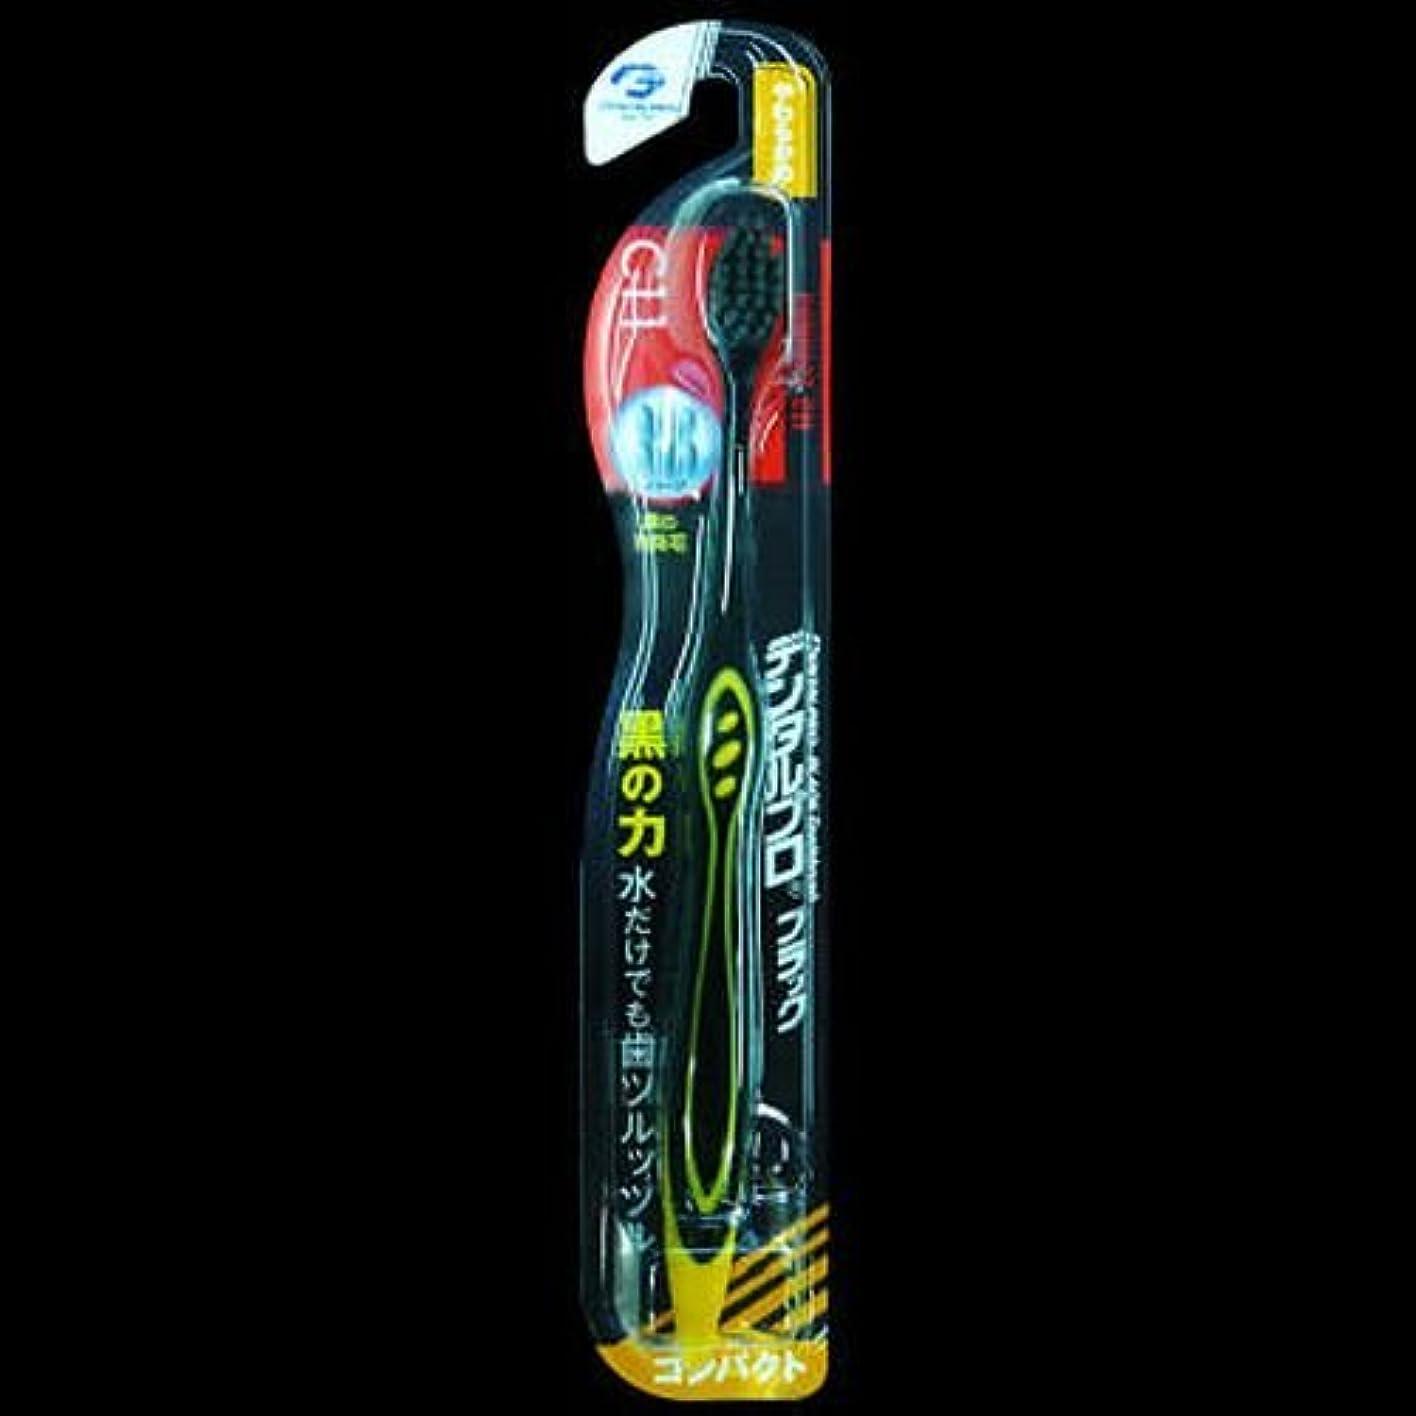 酒ディプロマホイットニーDPブラックハブラシコンパクトやわらかめ1ホン ×2セット